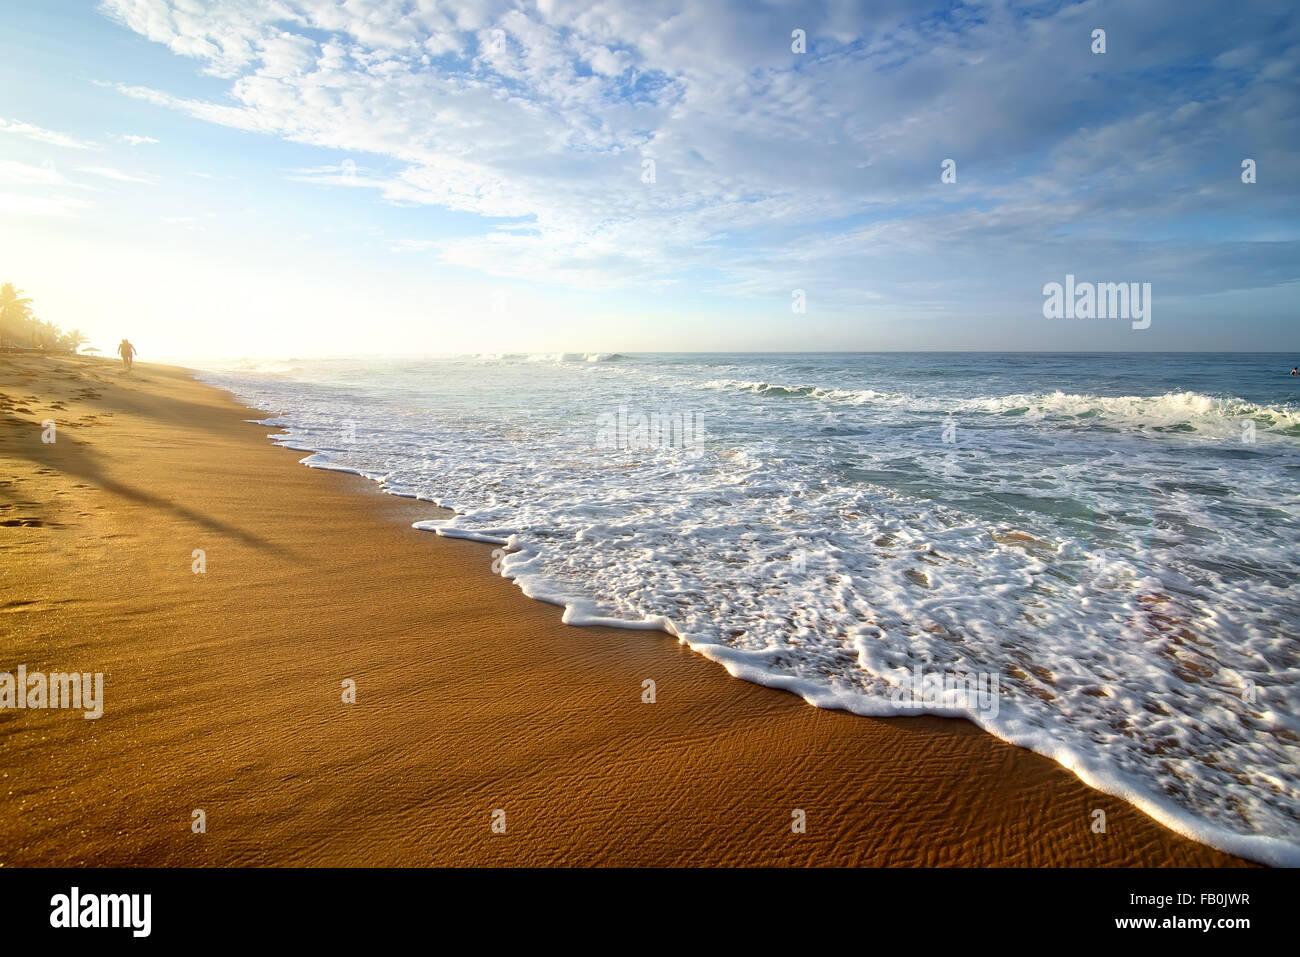 Hellen Morgen auf einem sandigen Strand des Ozeans Stockbild